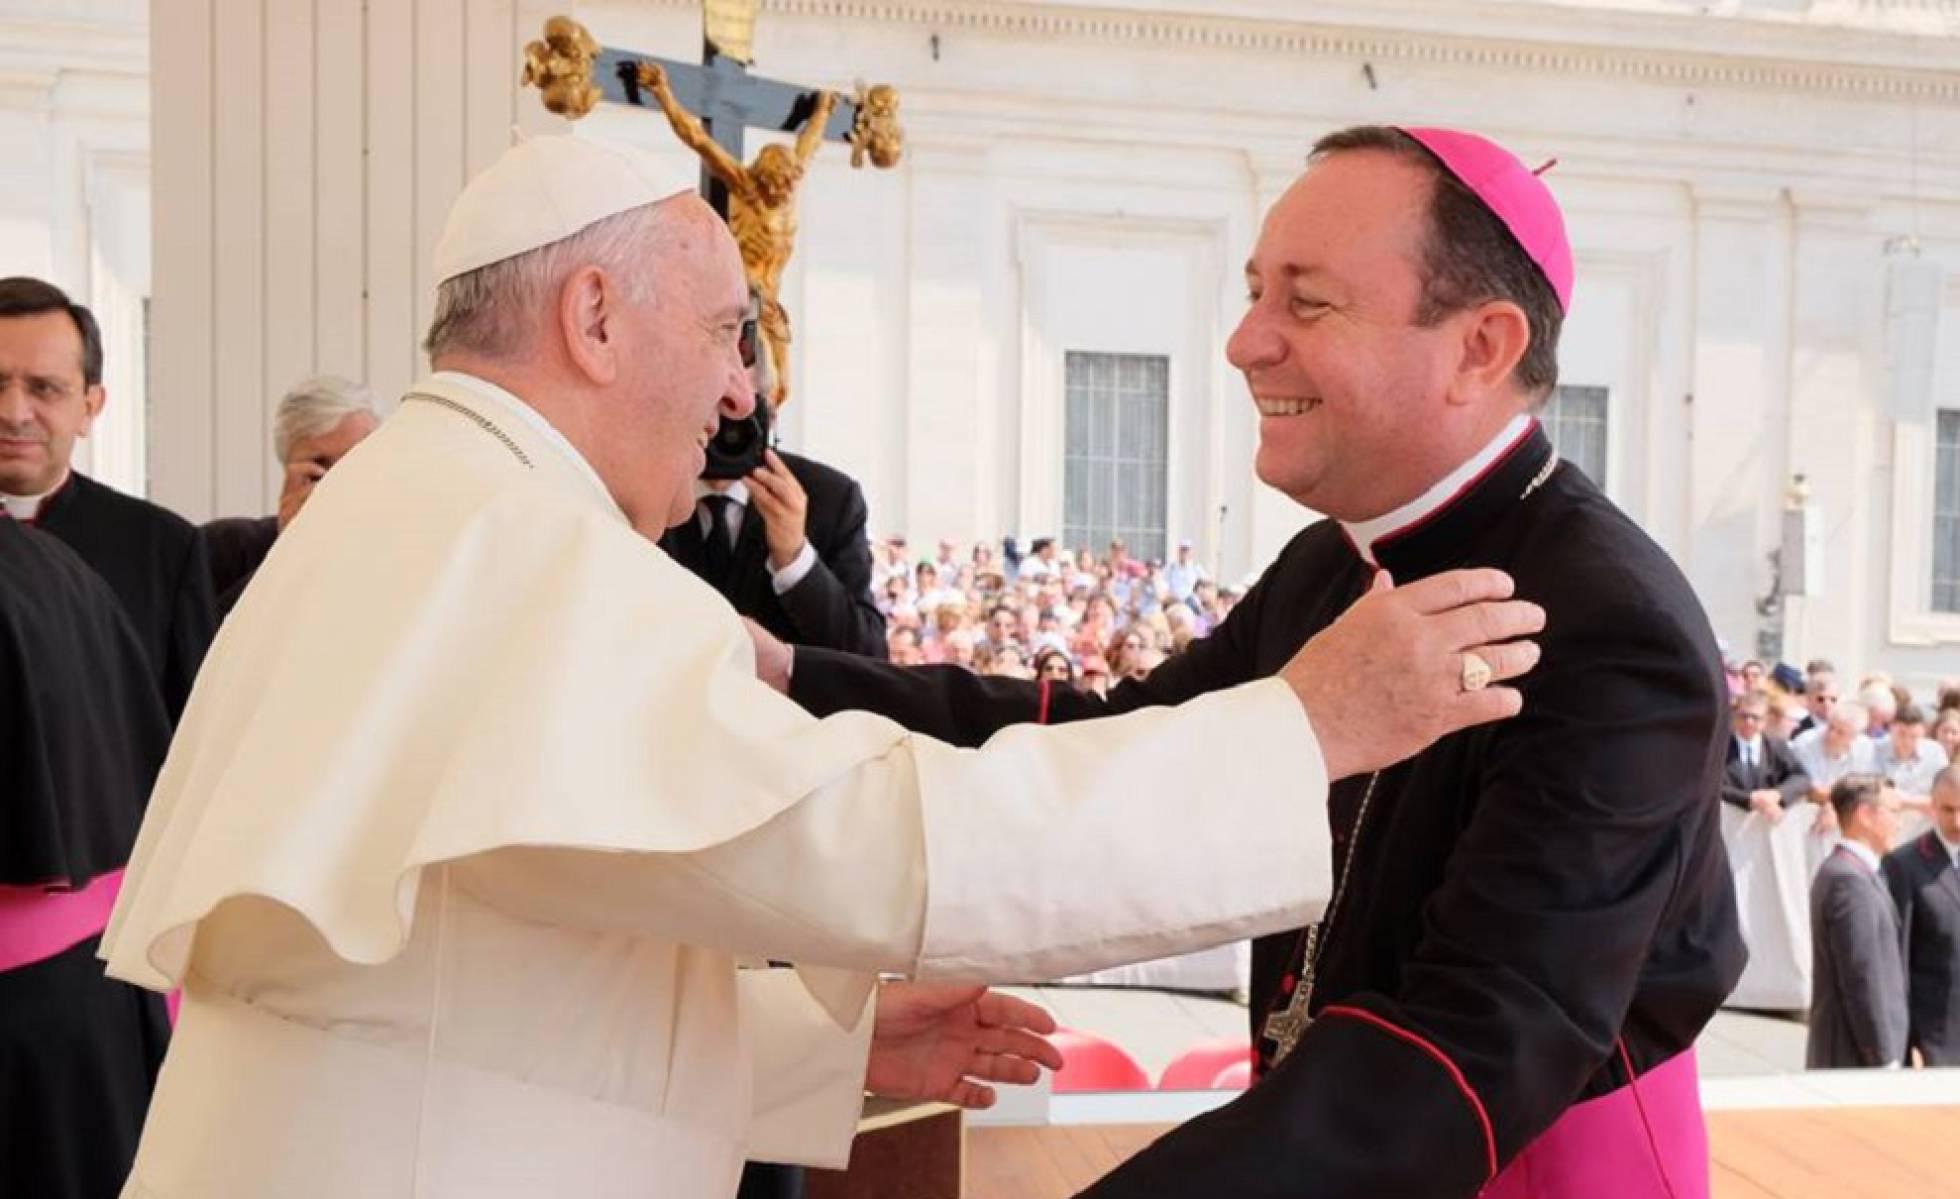 El Vaticano investiga por presuntos abusos sexuales a un obispo argentino